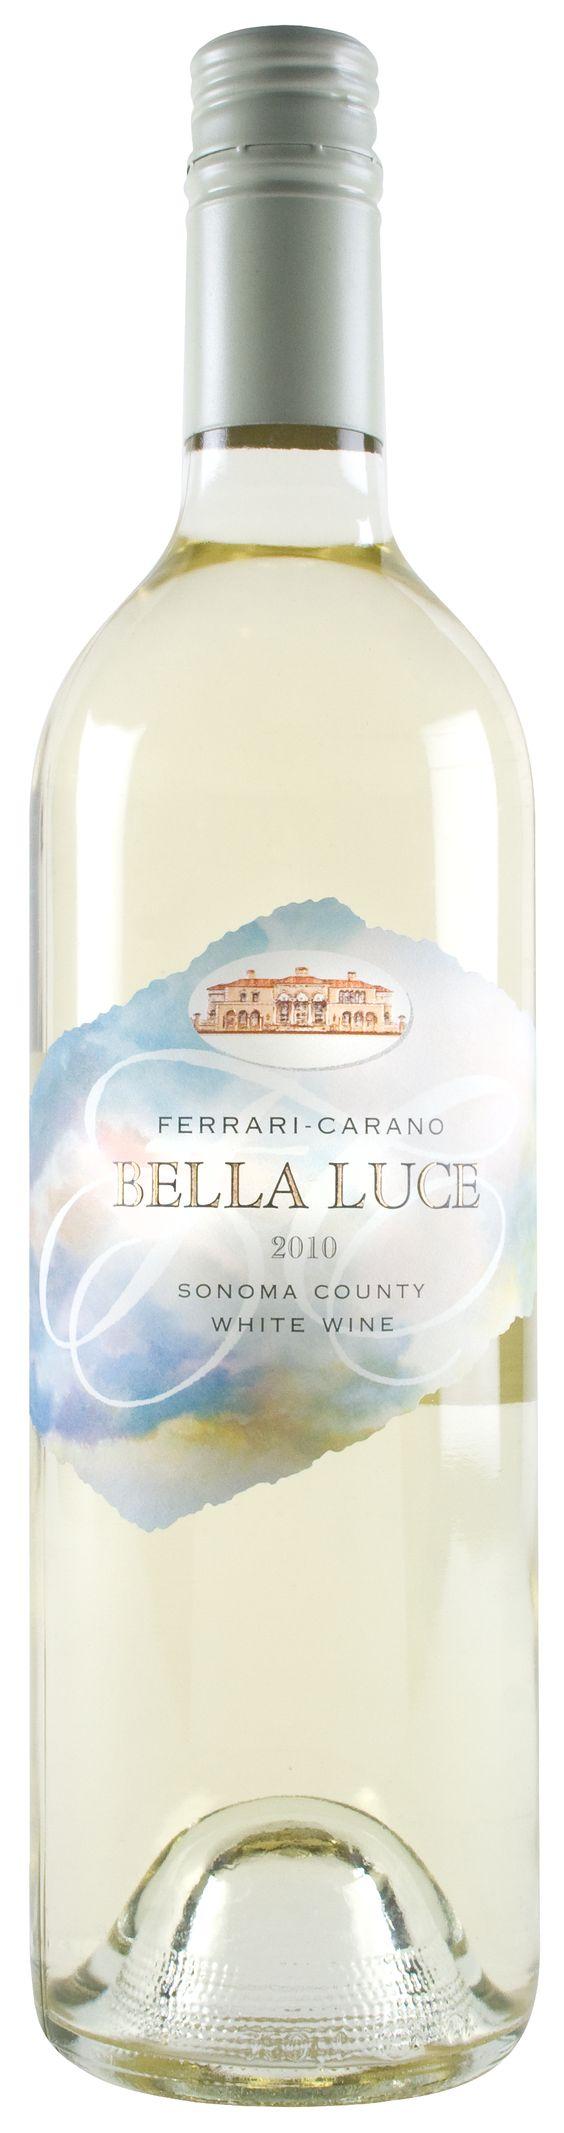 Ferrari Carano's Bella Luce: A white blend wine - delicious!